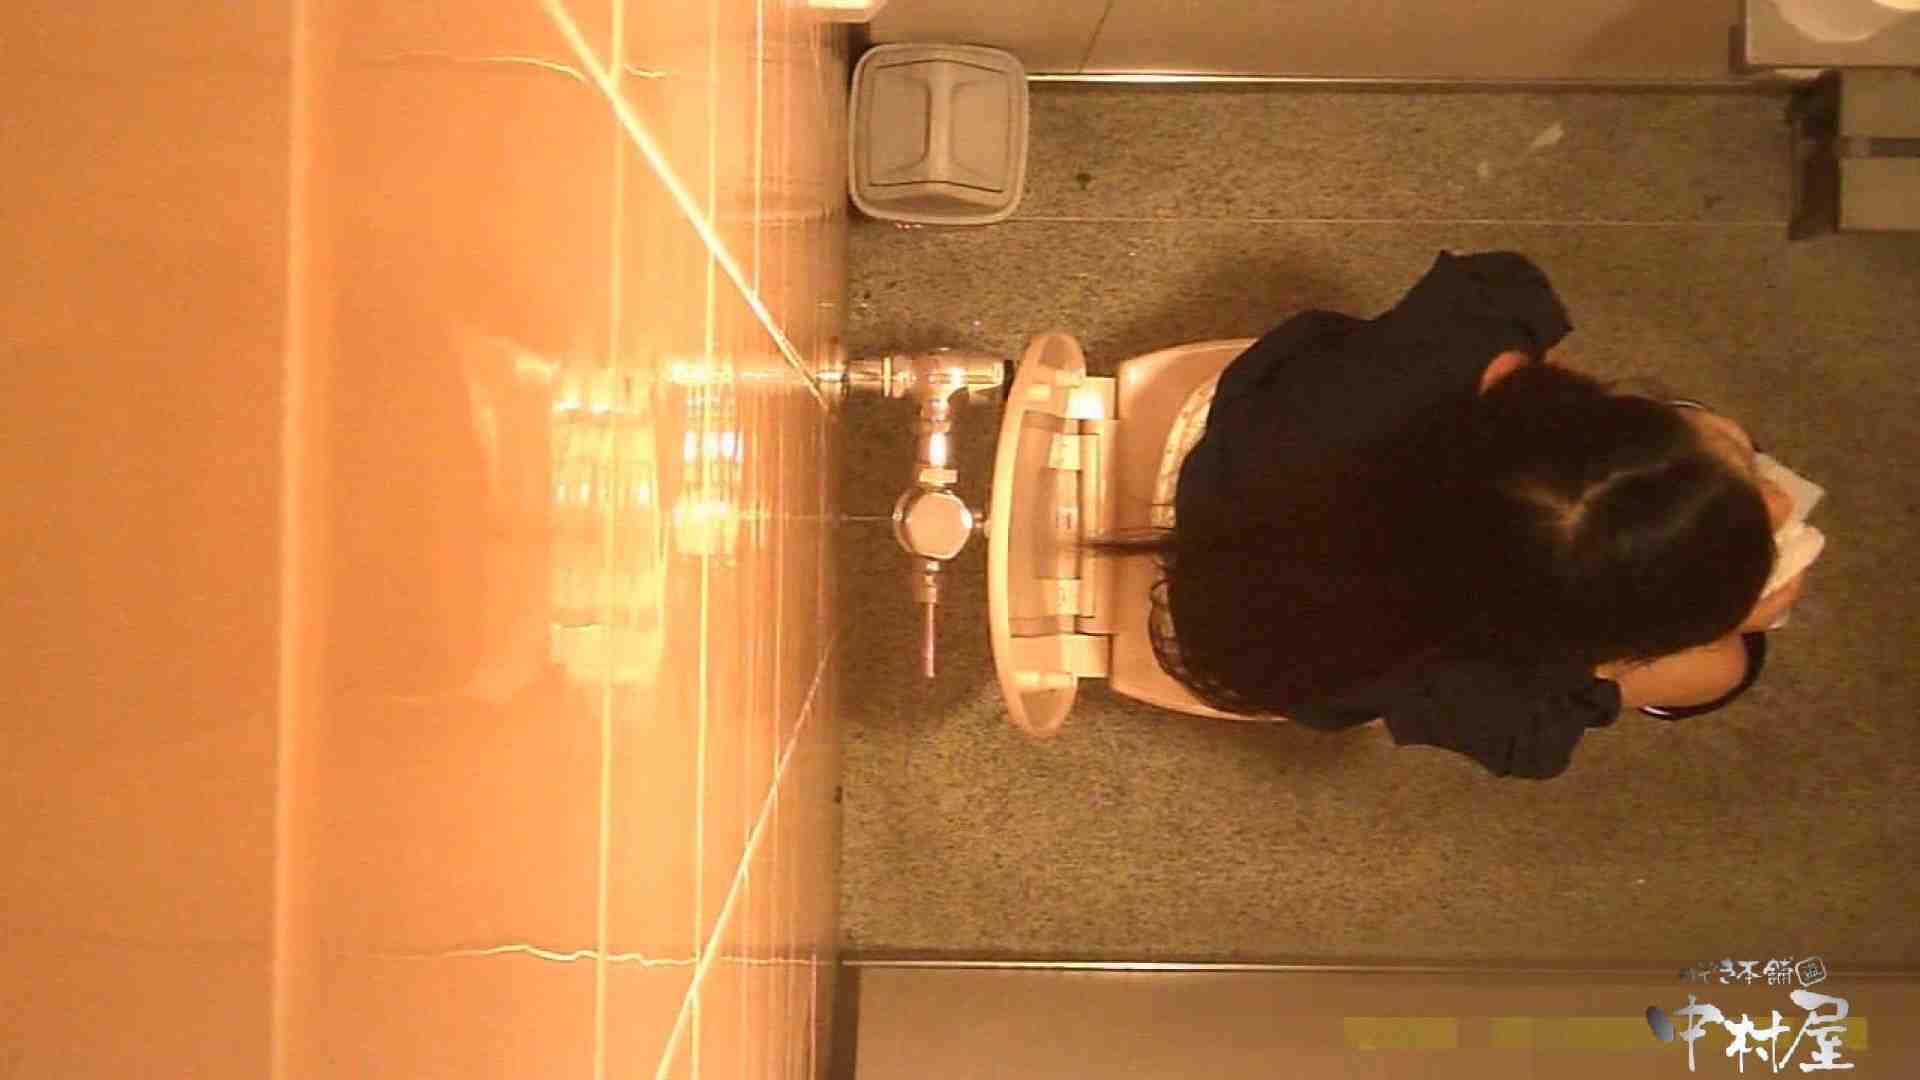 初盗撮!女盗撮師カレンさんの 潜入!女子トイレ盗撮!Vol.4 盗撮特撮 のぞき動画画像 13pic 9